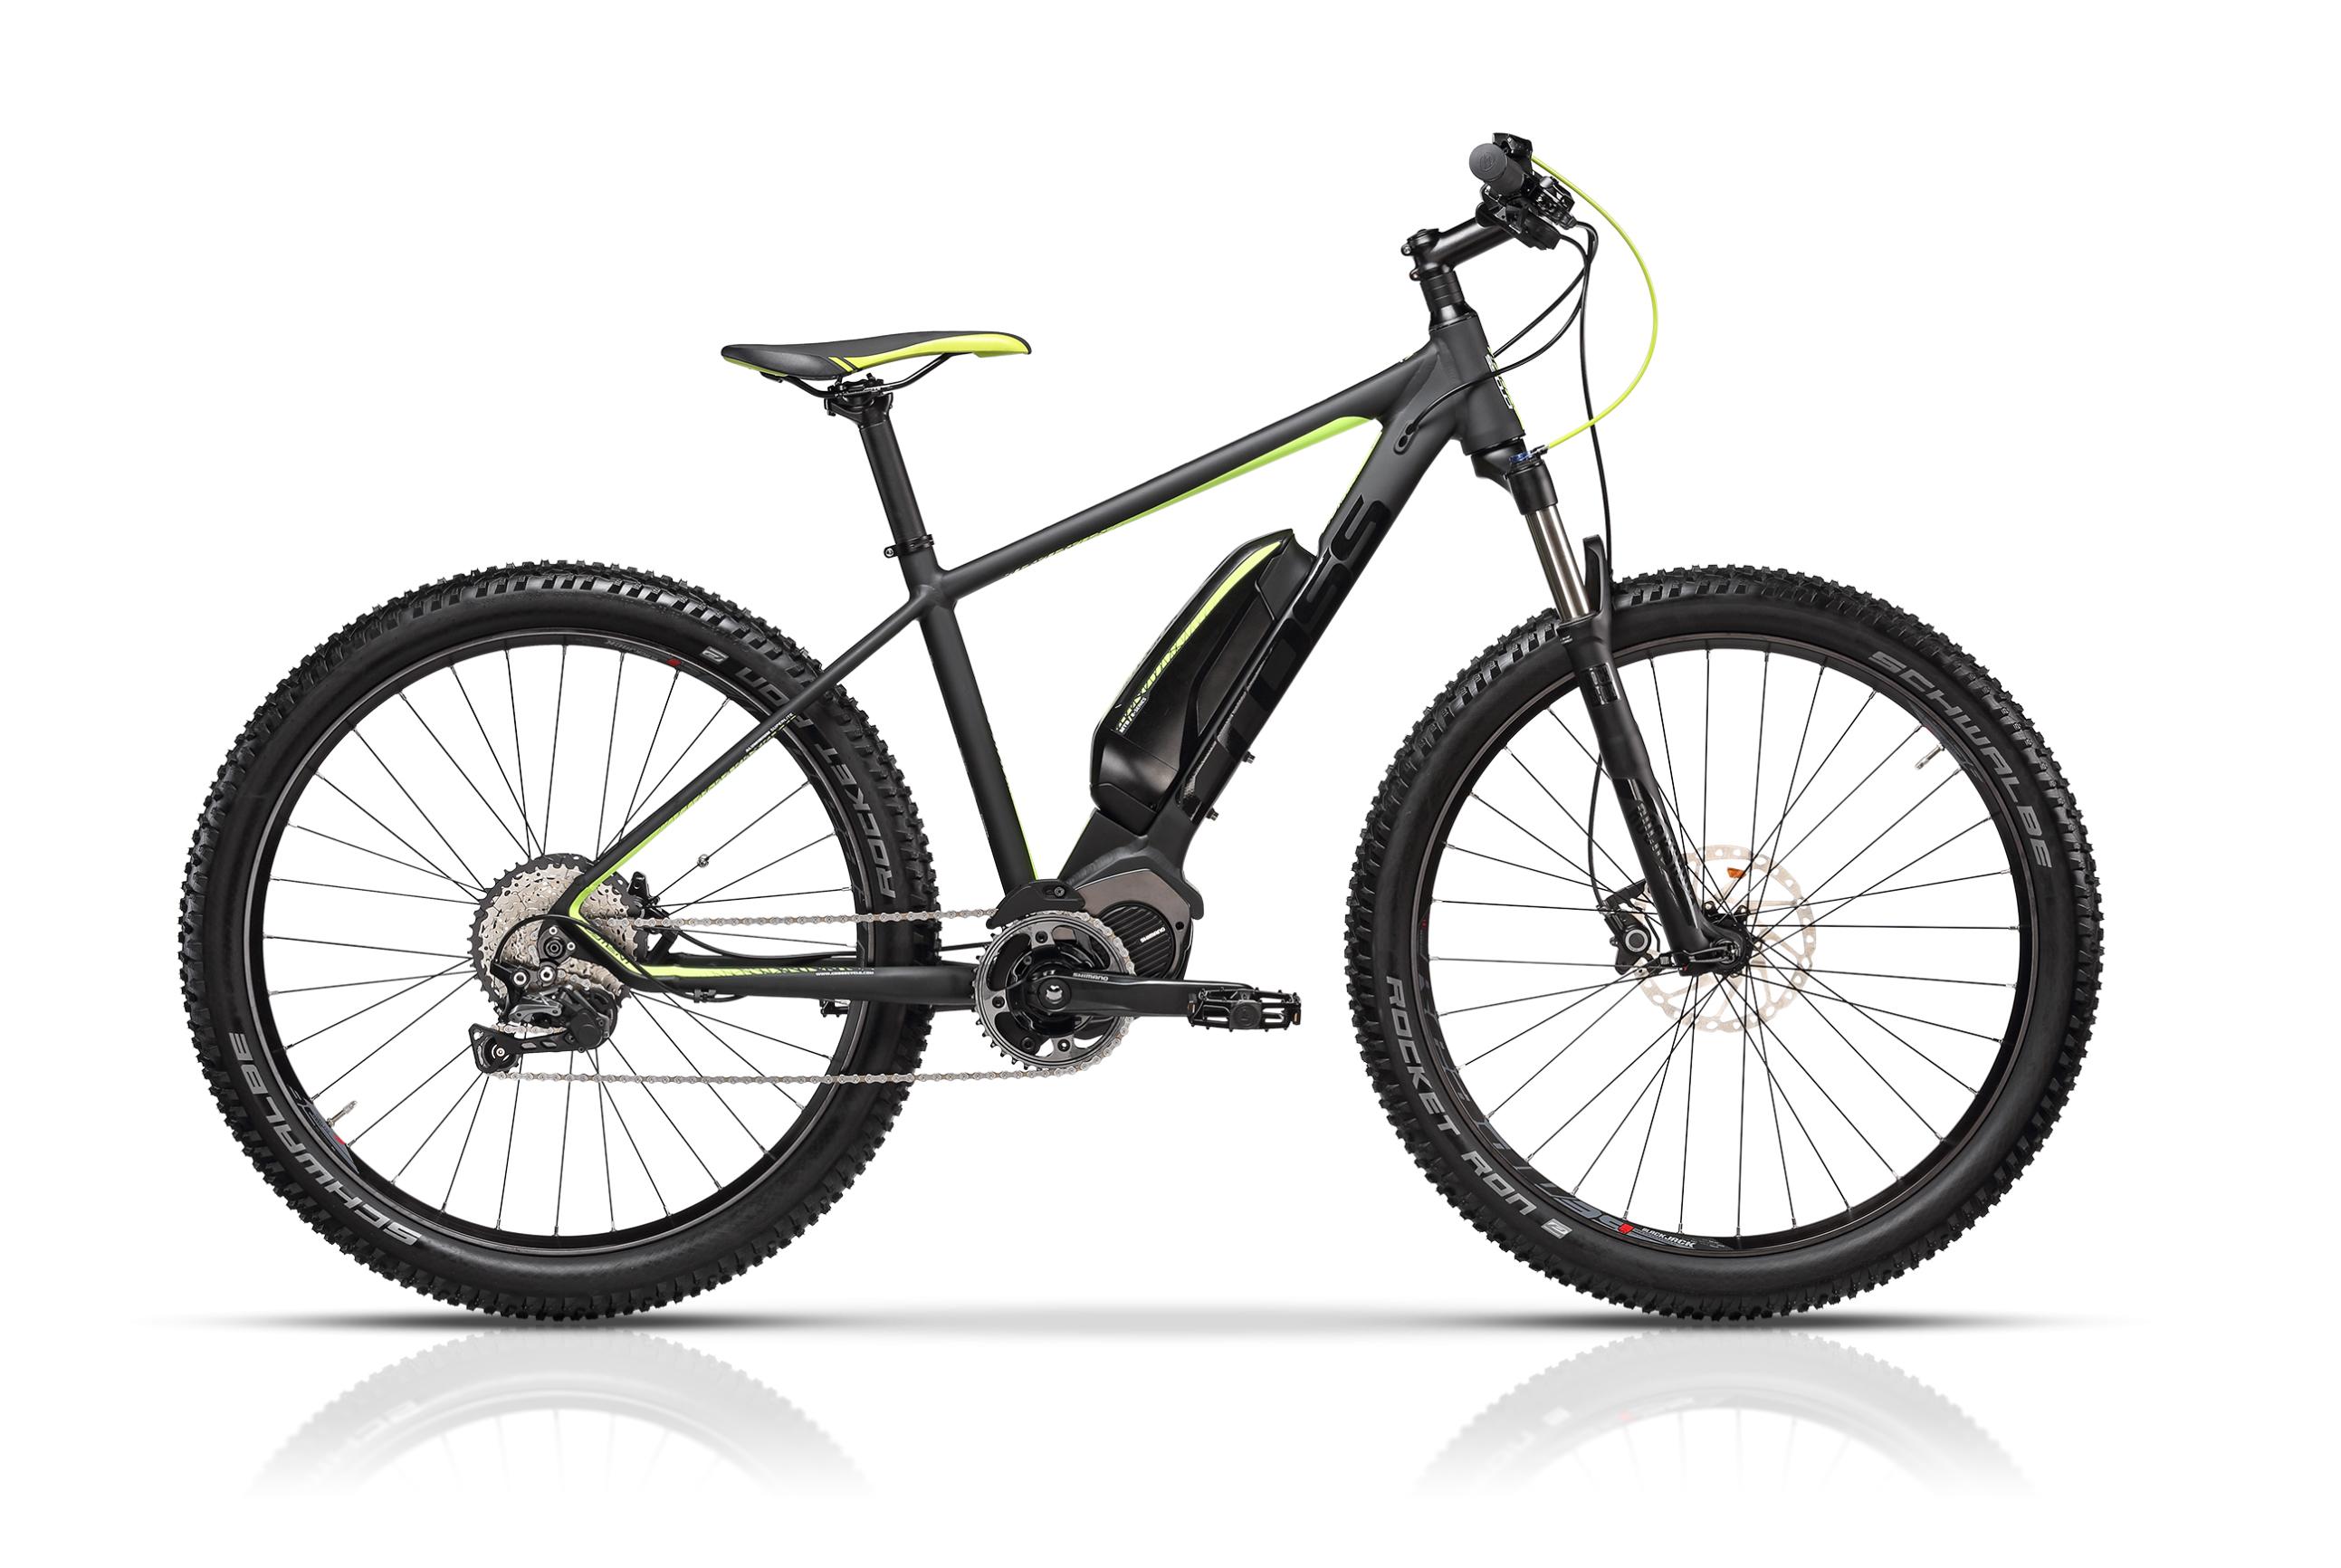 Bicicletele electrice permit utilizatorilor să câștige criptomonede din mers